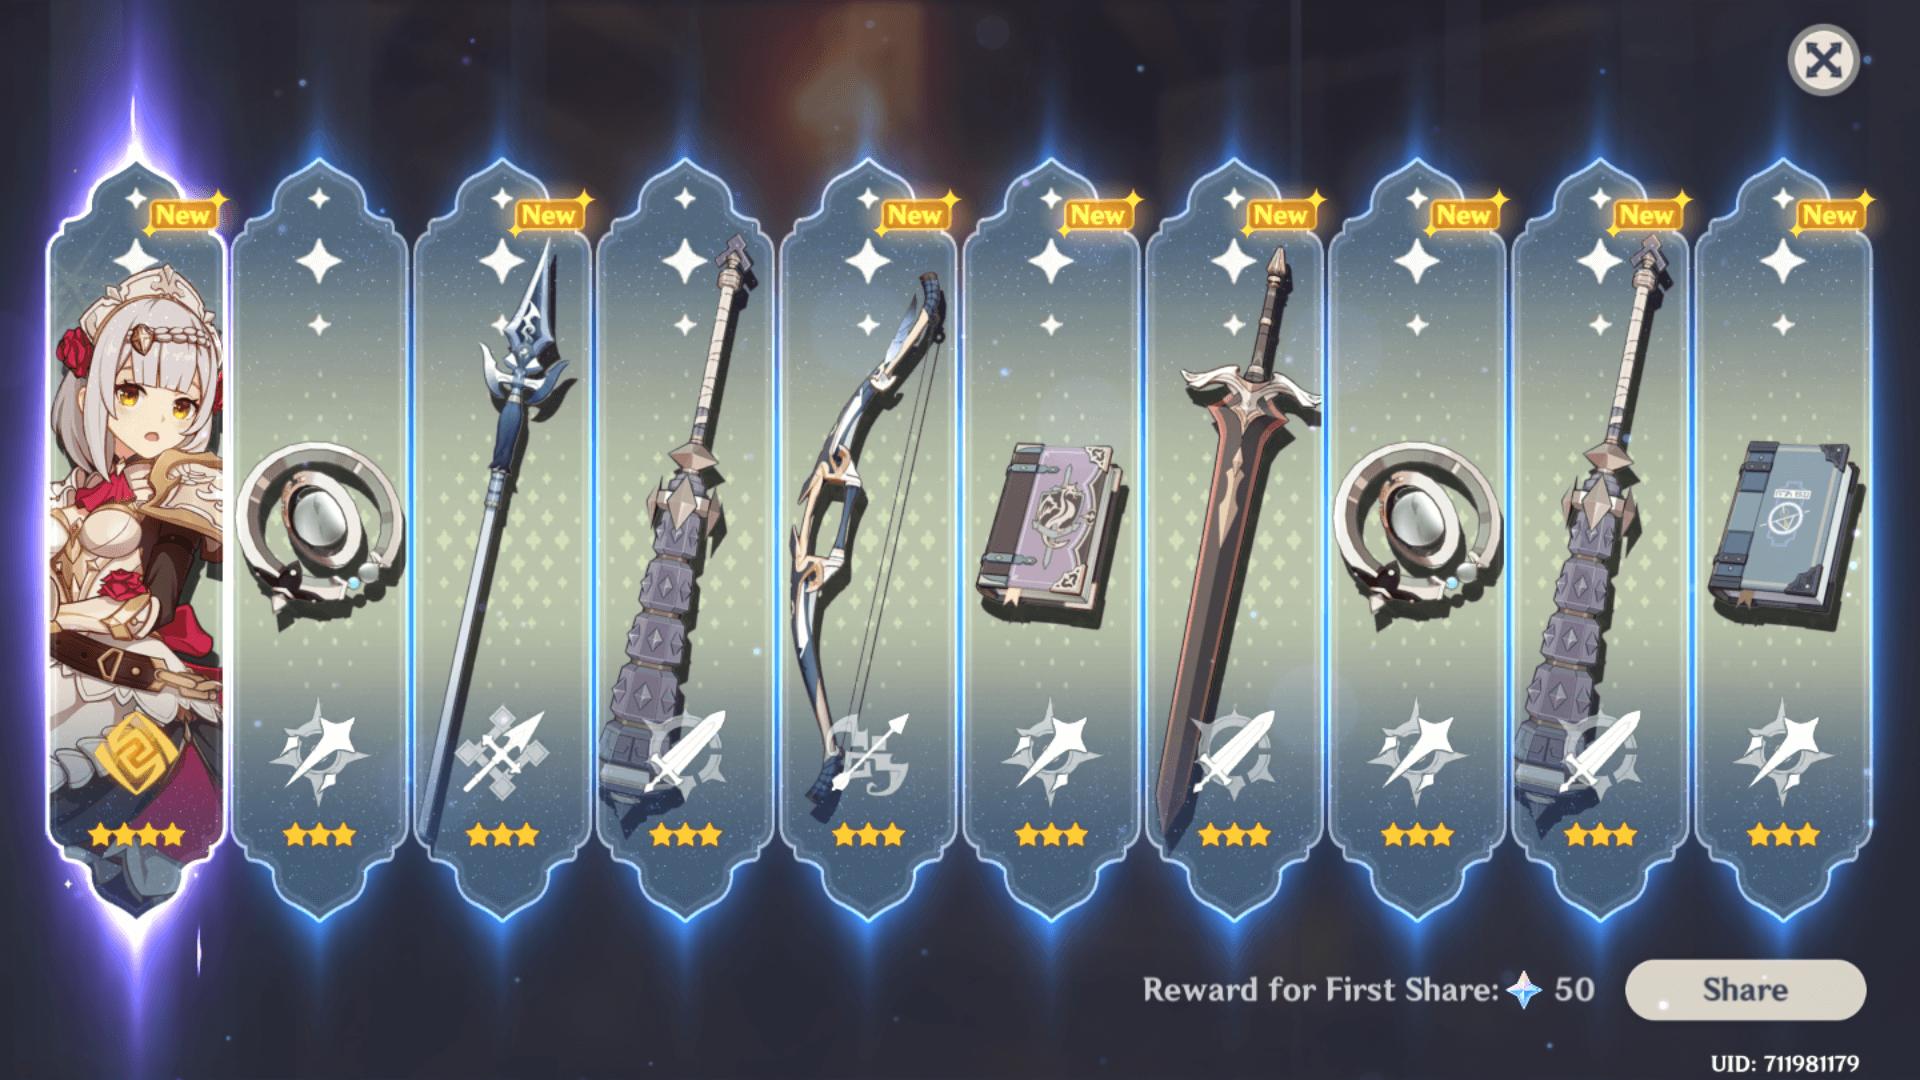 Rewards screenshot of Genshin Impact Mobile video game interface.